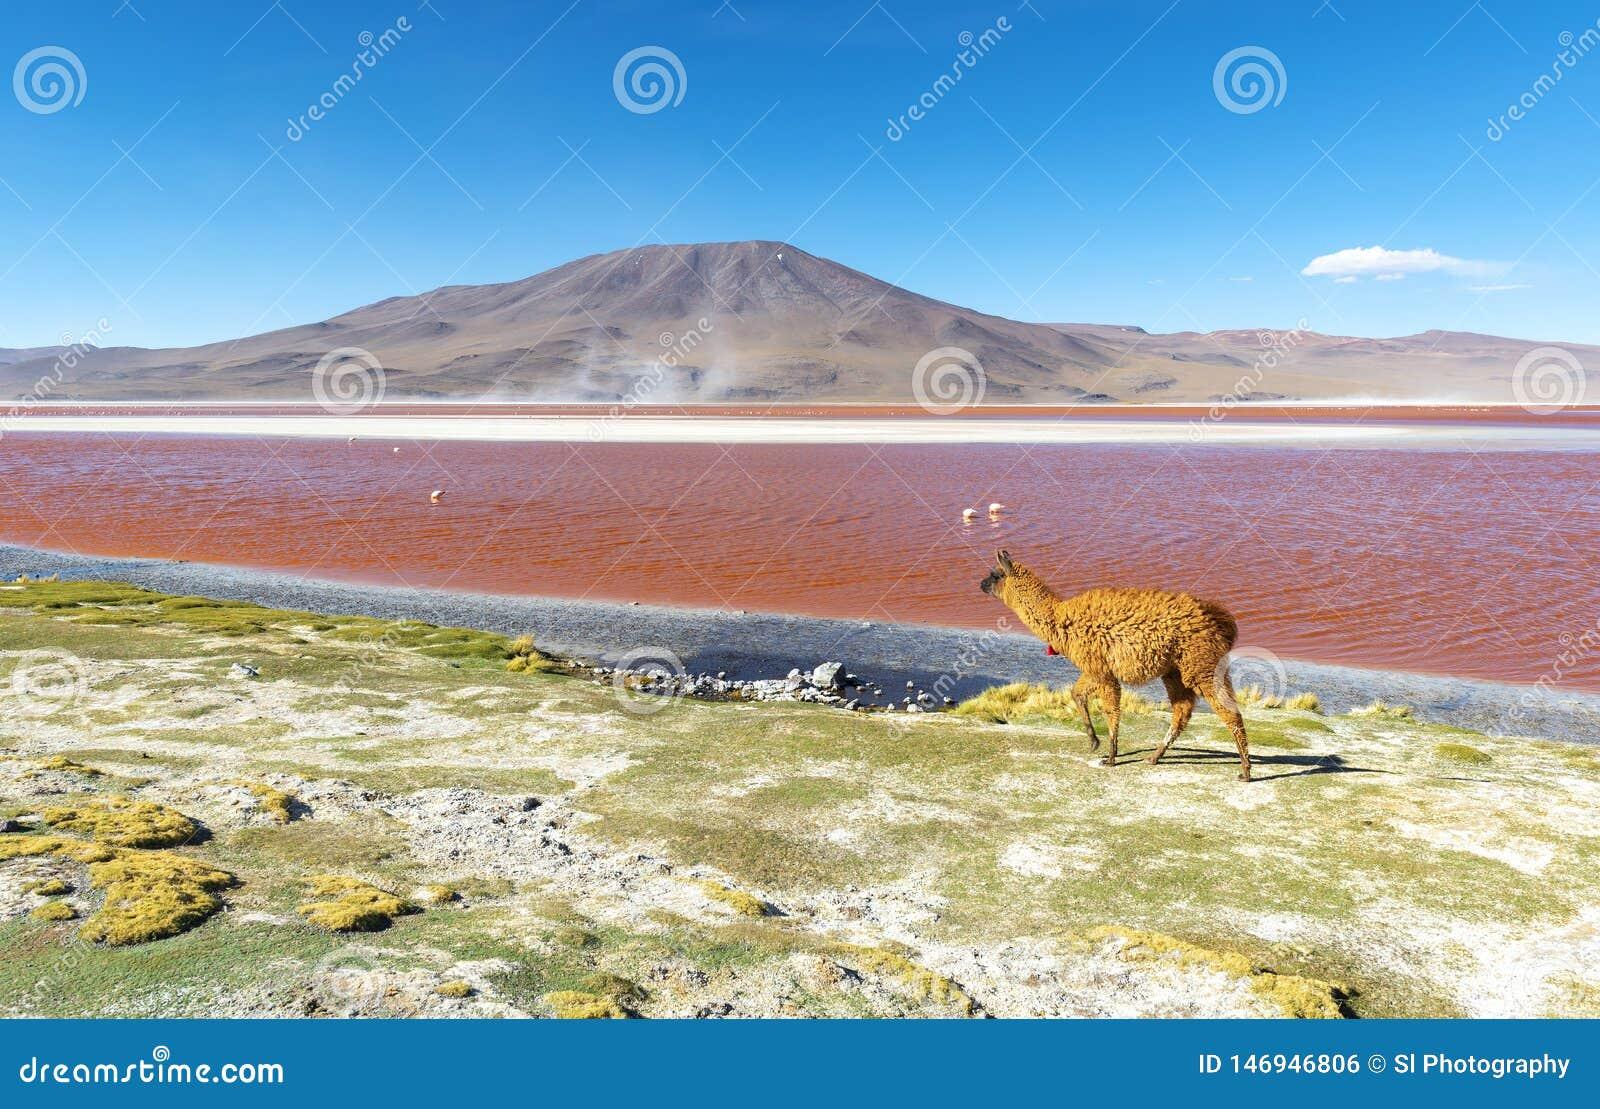 Lama pela lagoa vermelha Laguna Colorada, Bolívia